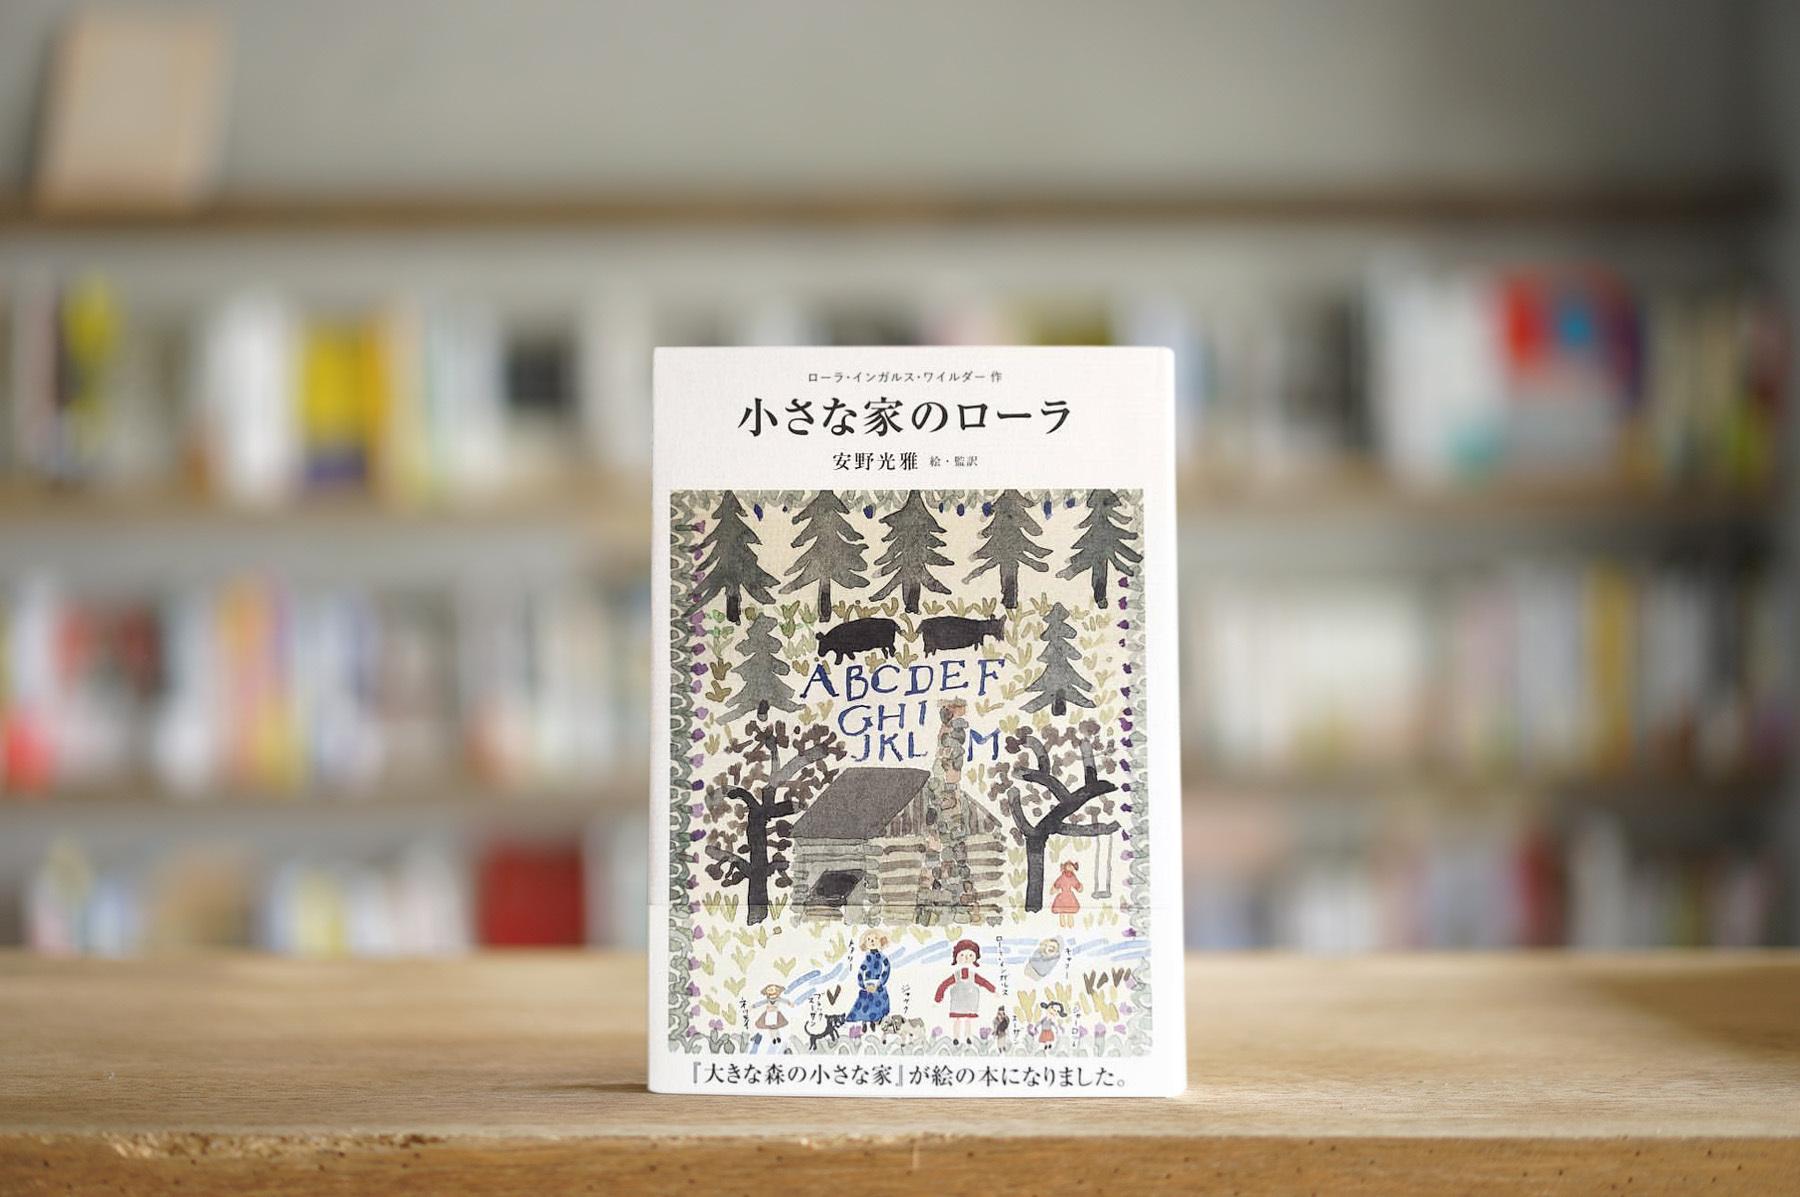 ローラ・インガルス・ワイルダー 絵・監訳:安野光雅 『小さな家のローラ』 (朝日出版社、2017)